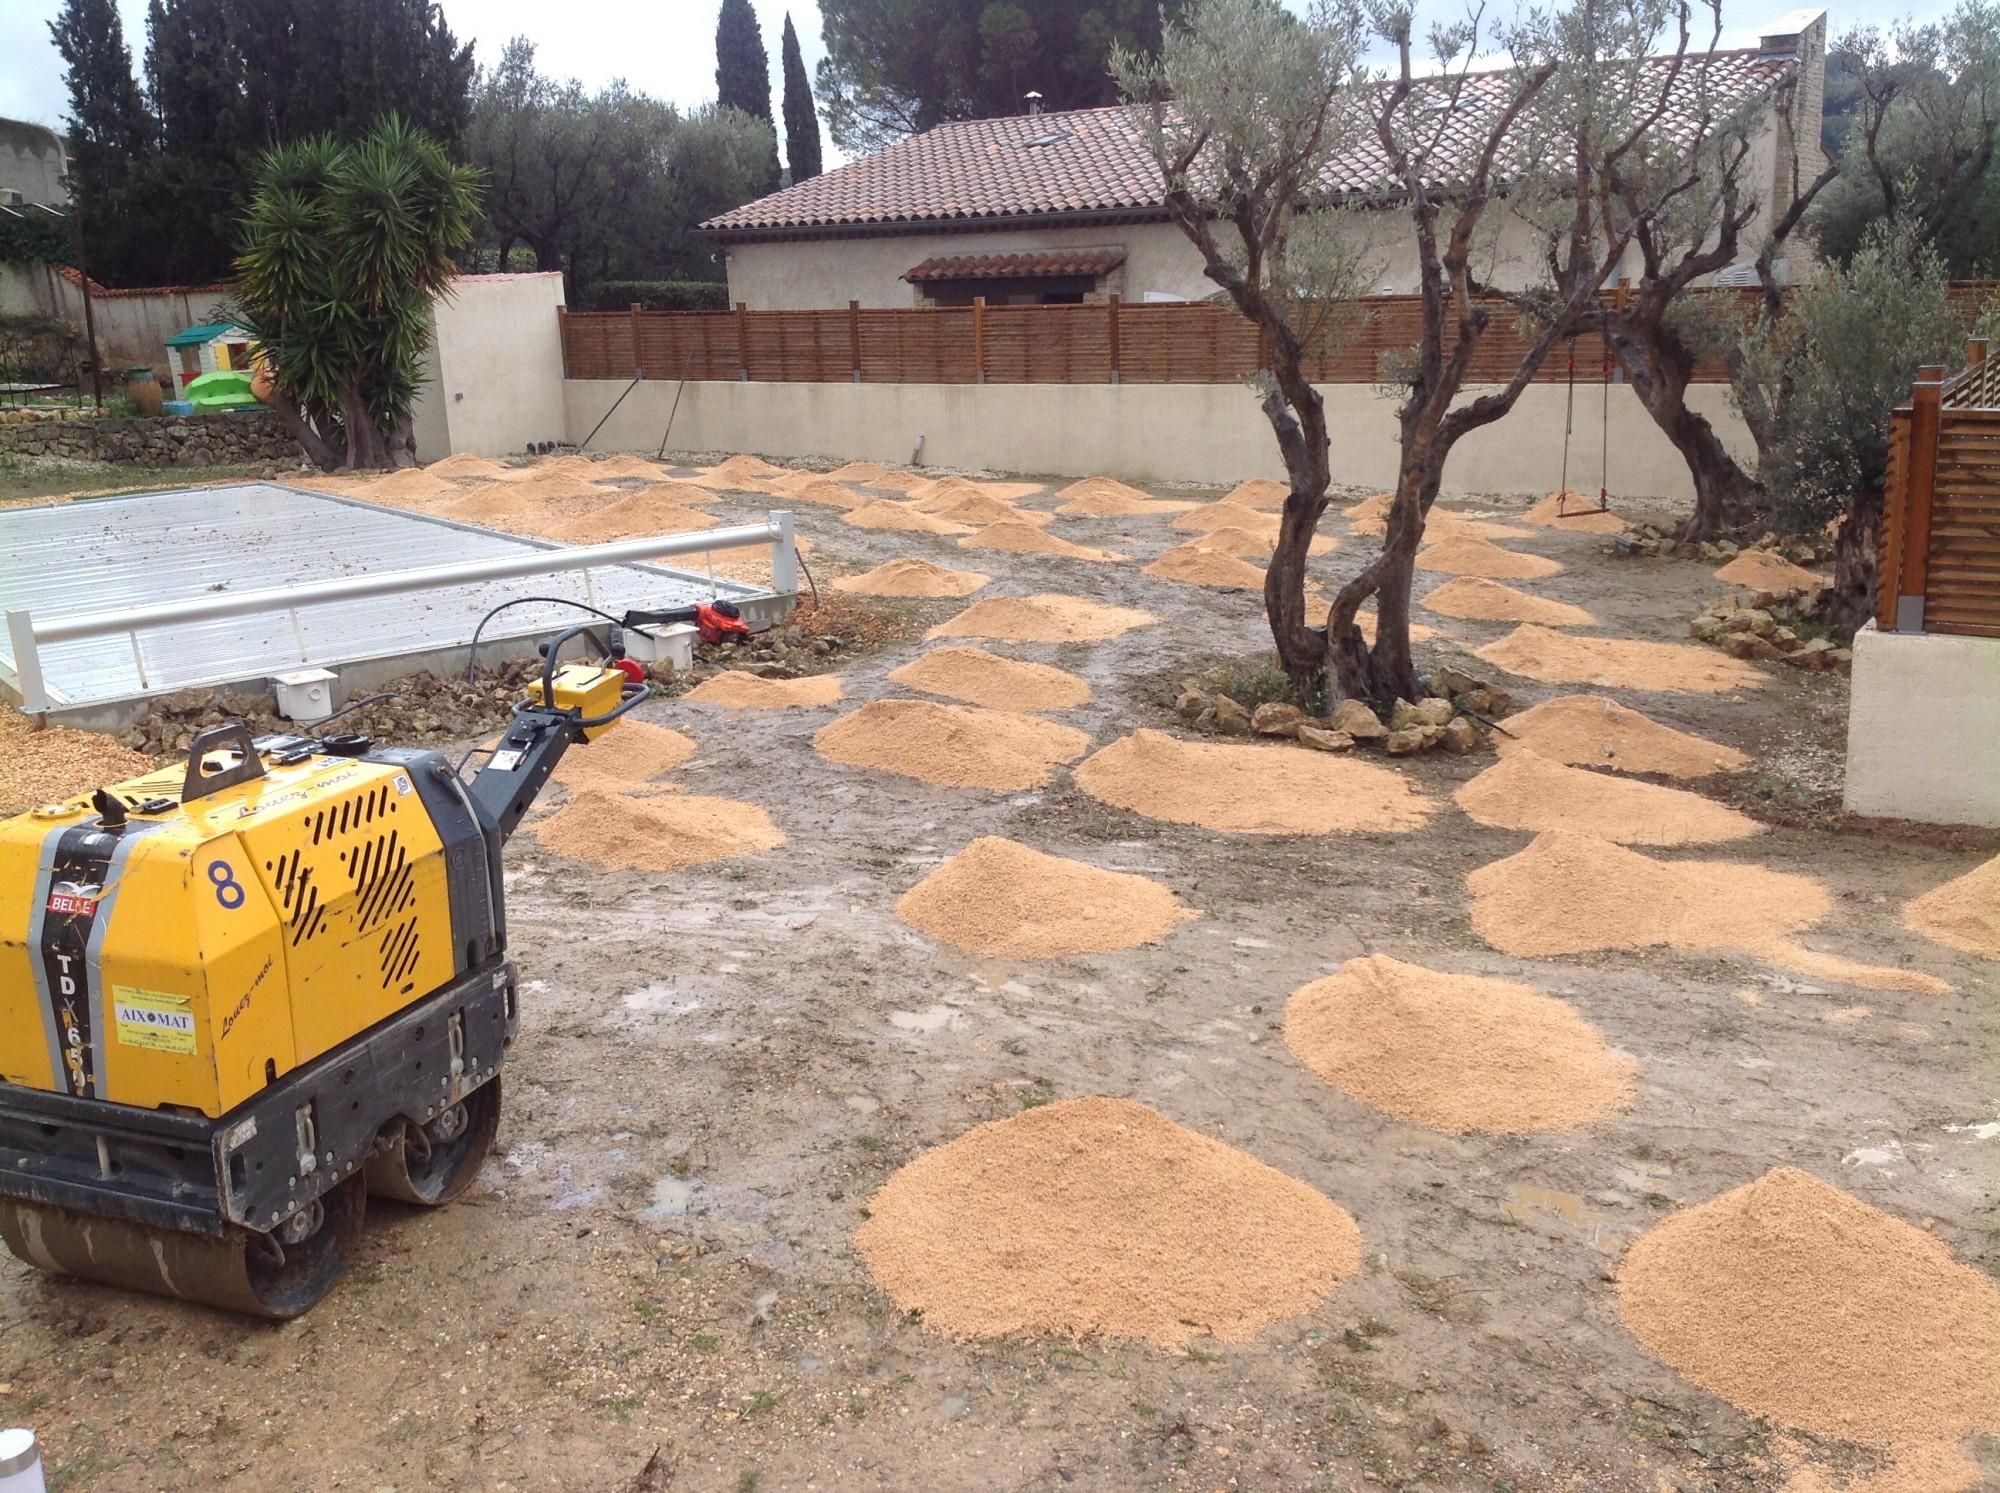 Mise en place du sable stabilisé avant la pose de la pelouse artificielle